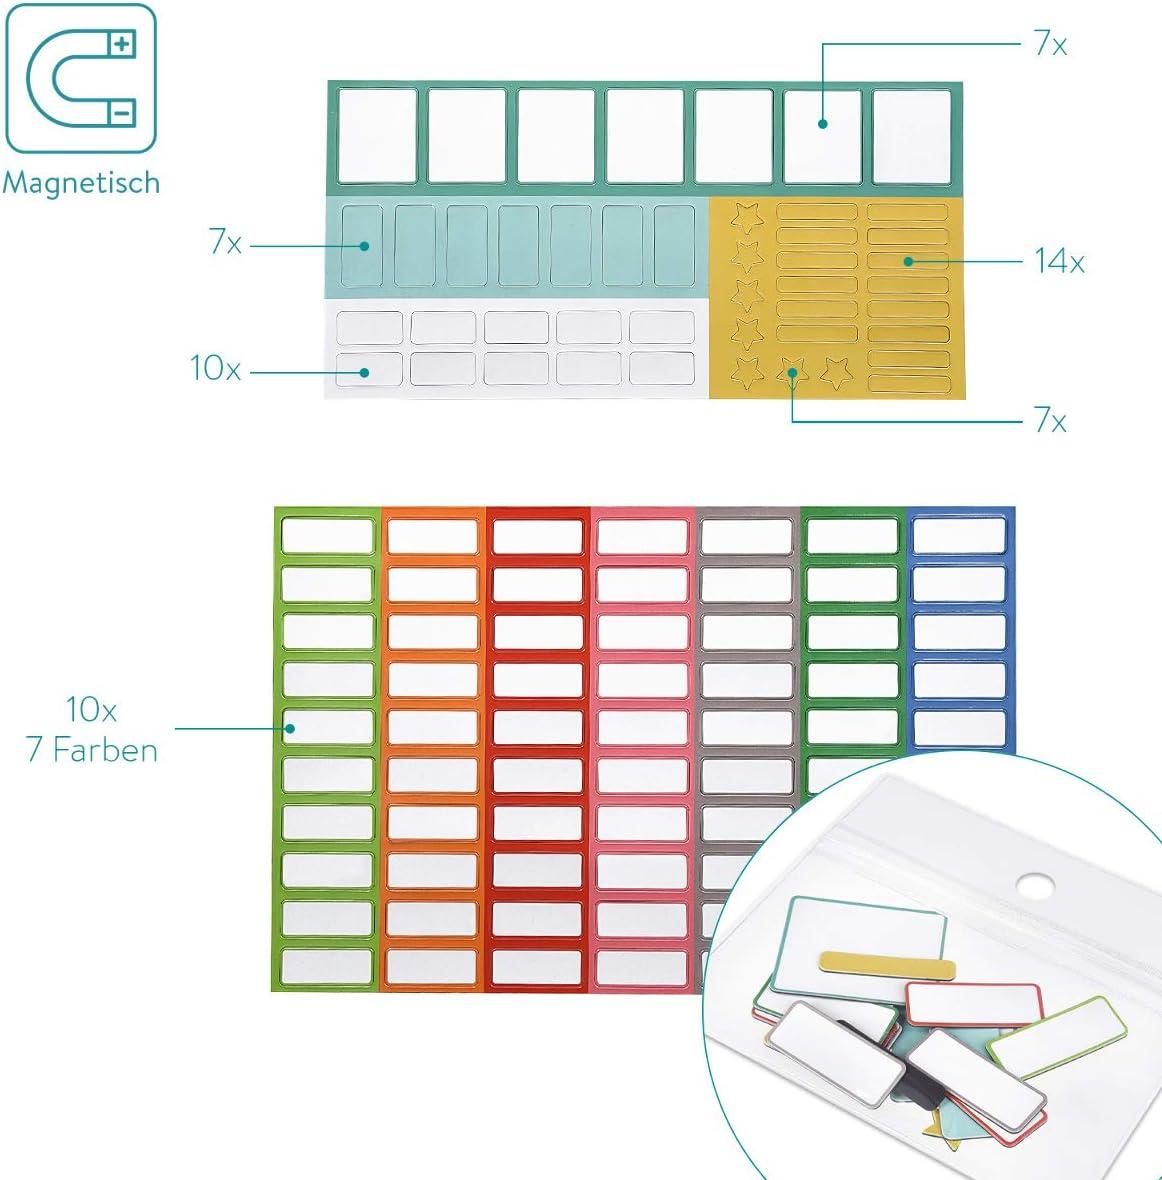 Tabella Pennarello Incluso Blu Navaris Tabellone Organizzazione Ricompense Bimbi Lavagnetta 40x32cm con 115 Sticker Magnetici Personalizzabili